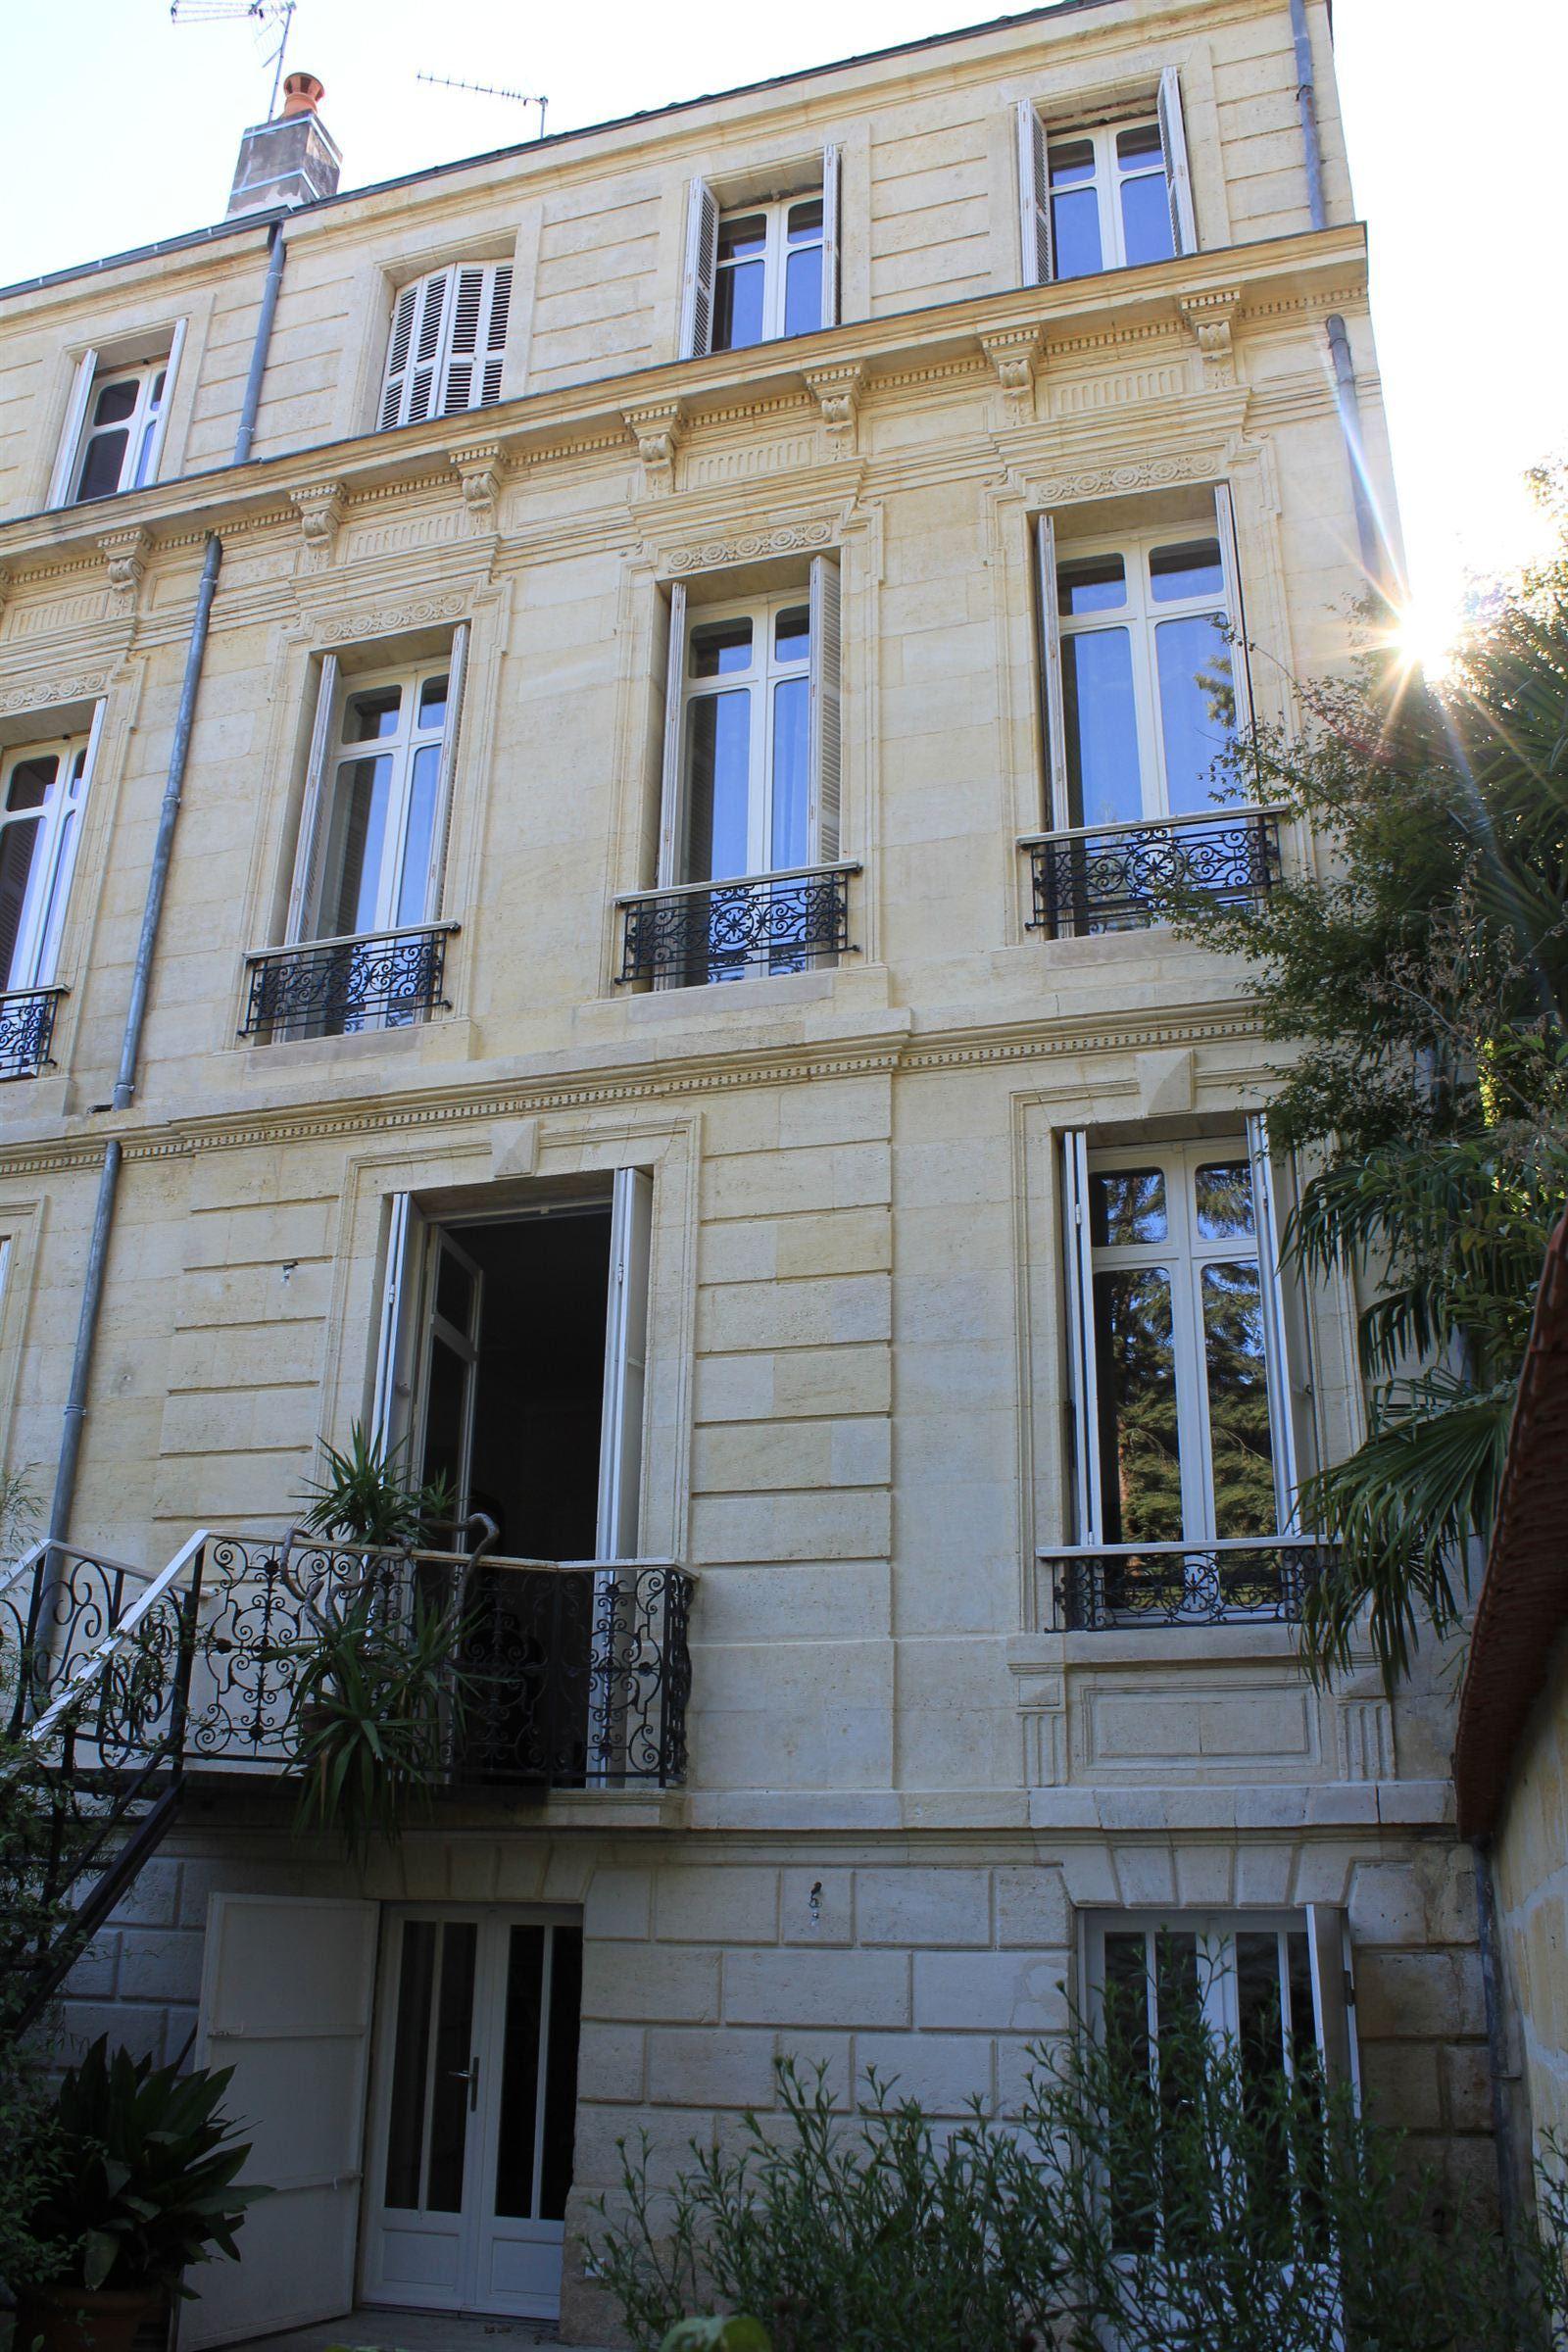 Maison unifamiliale pour l Vente à BORDEAUX - PUBLIC GARDEN - PRIVATE TOWNHOUSE WITH A VIEW ON THE PARK Bordeaux, Aquitaine 33000 France